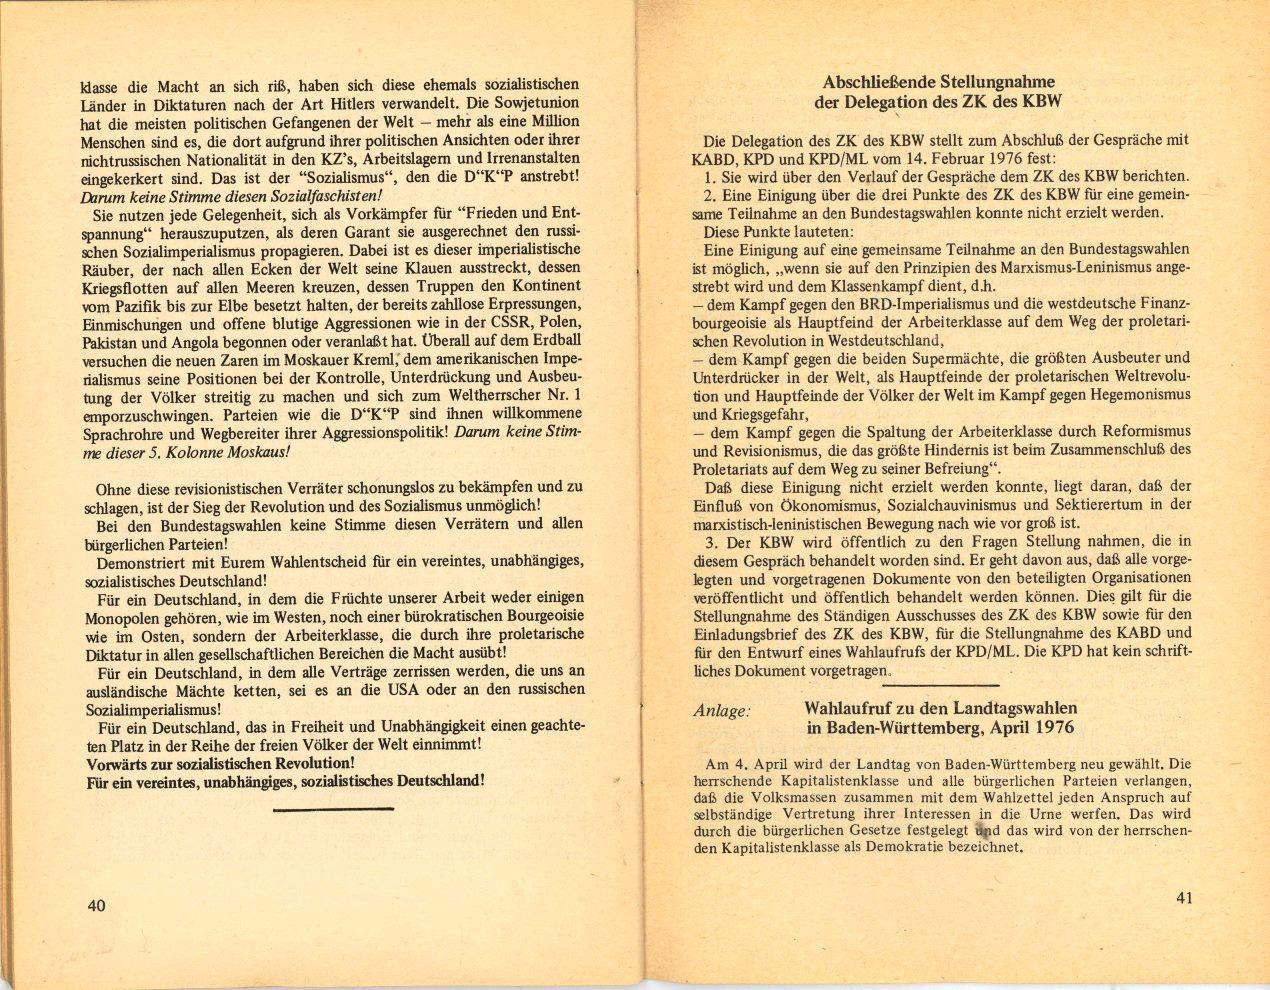 KBW_Materialien_zur_Auseinandersetzung_in_der_mlB_1976_22